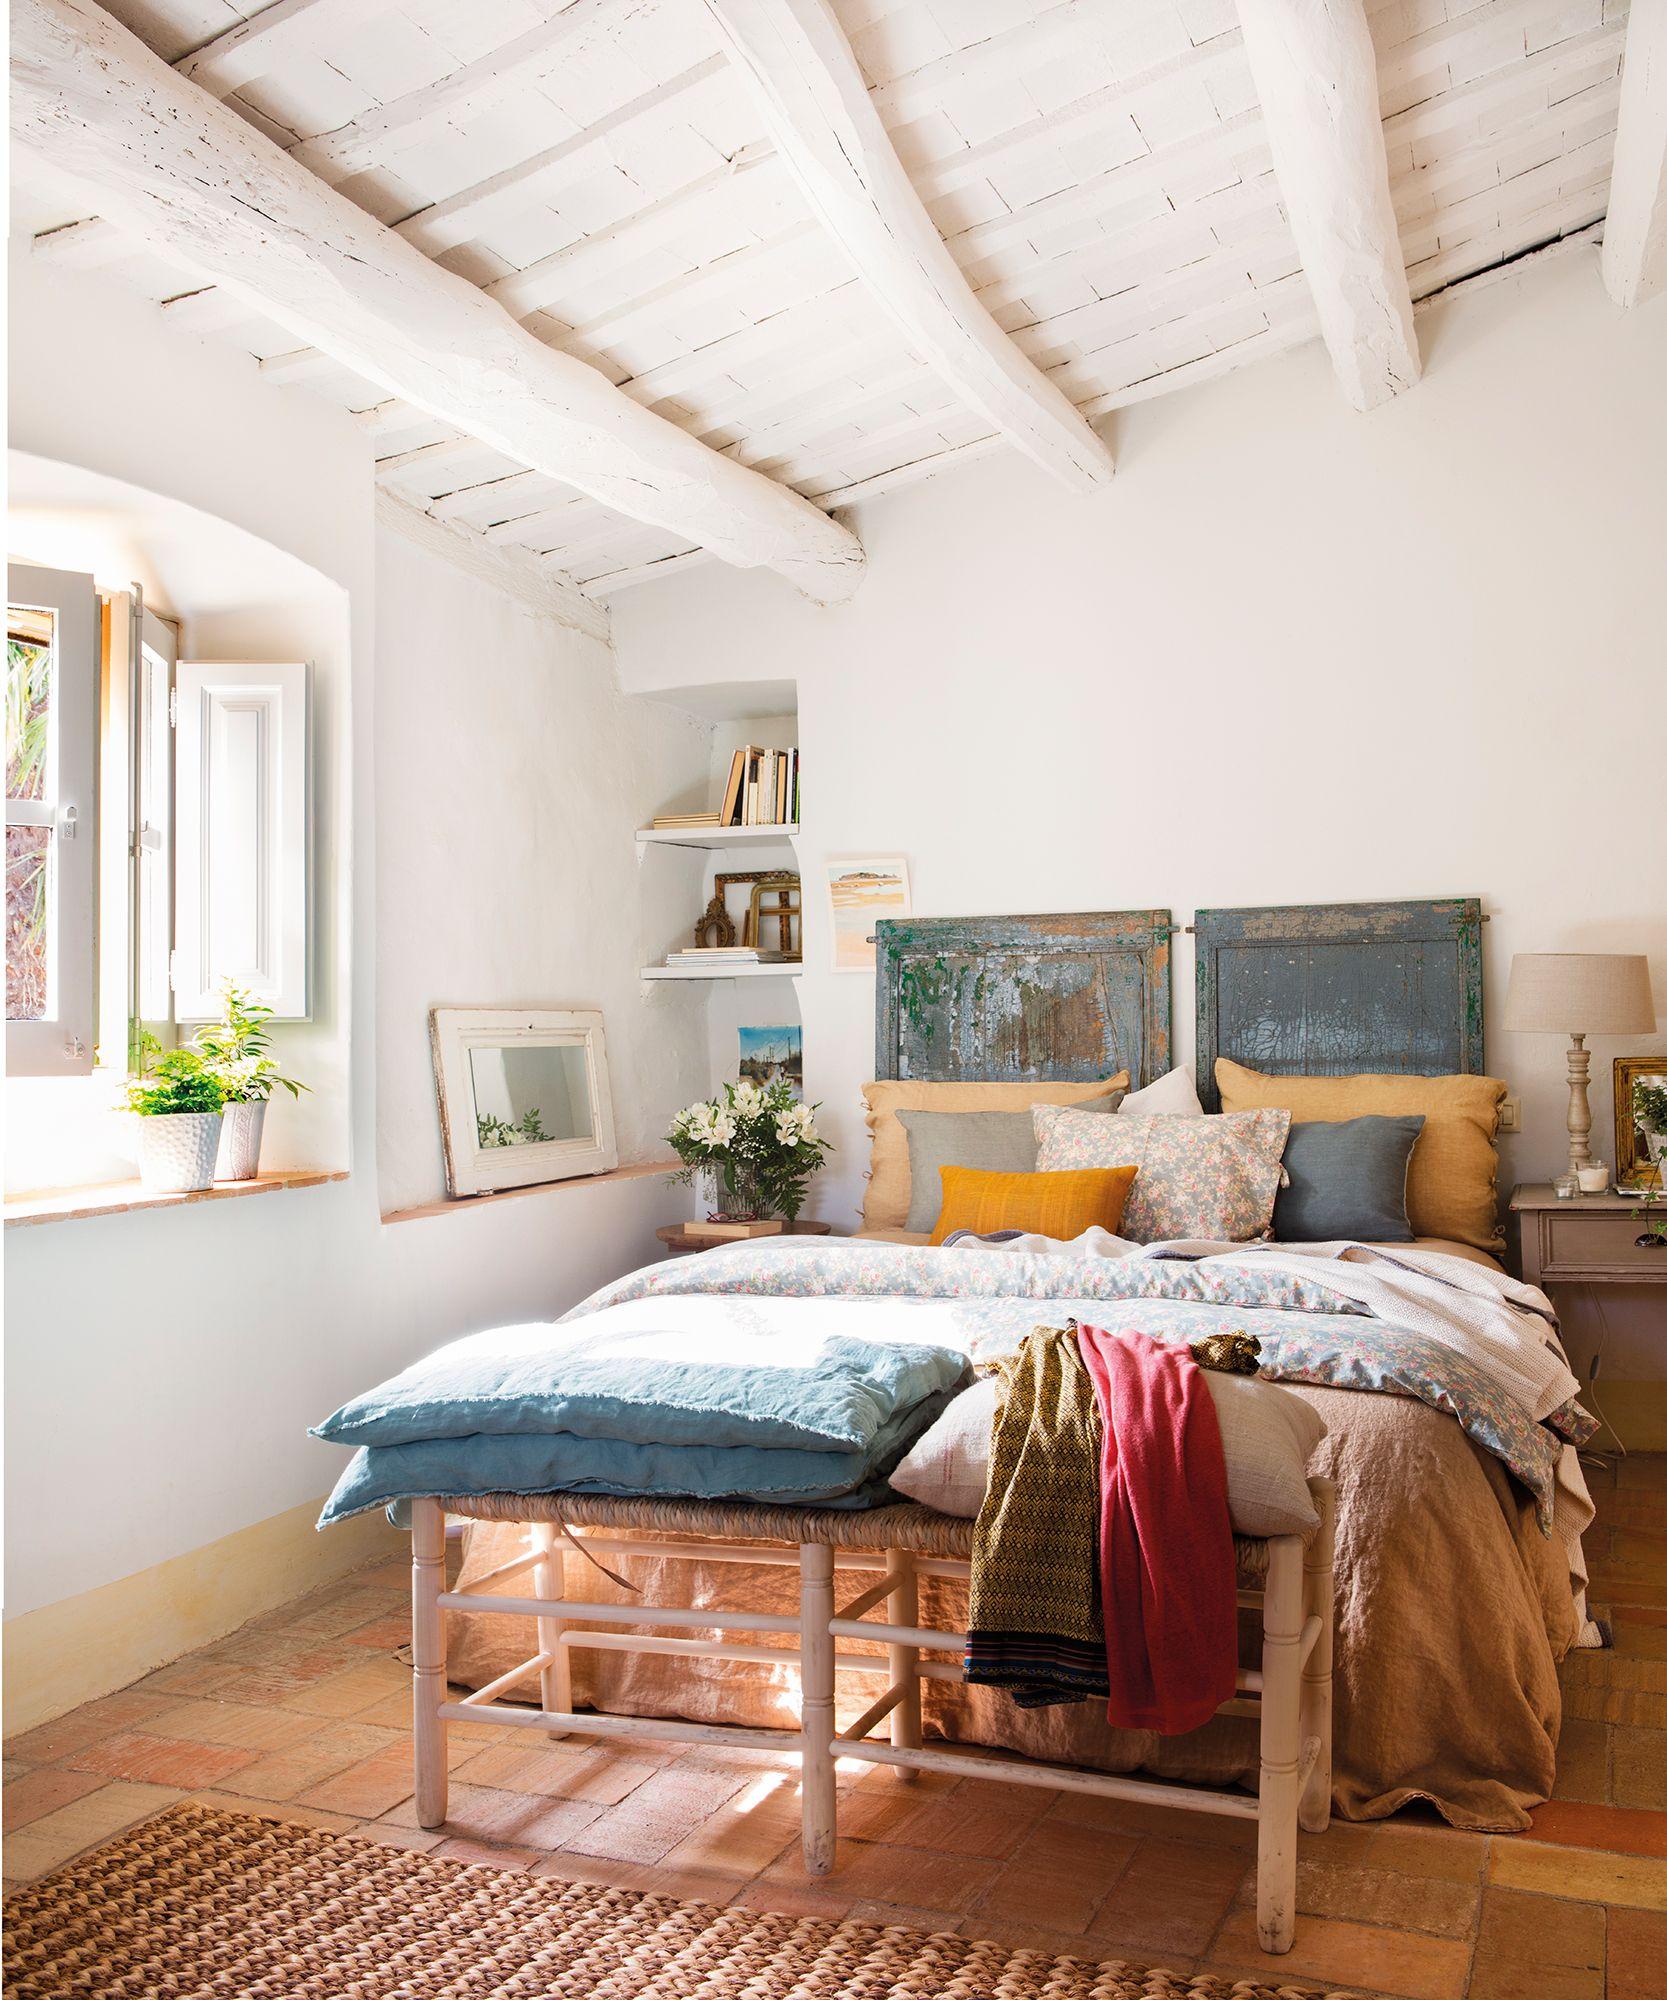 El Minimanie Ventanas: Dormitorios / Bedroom